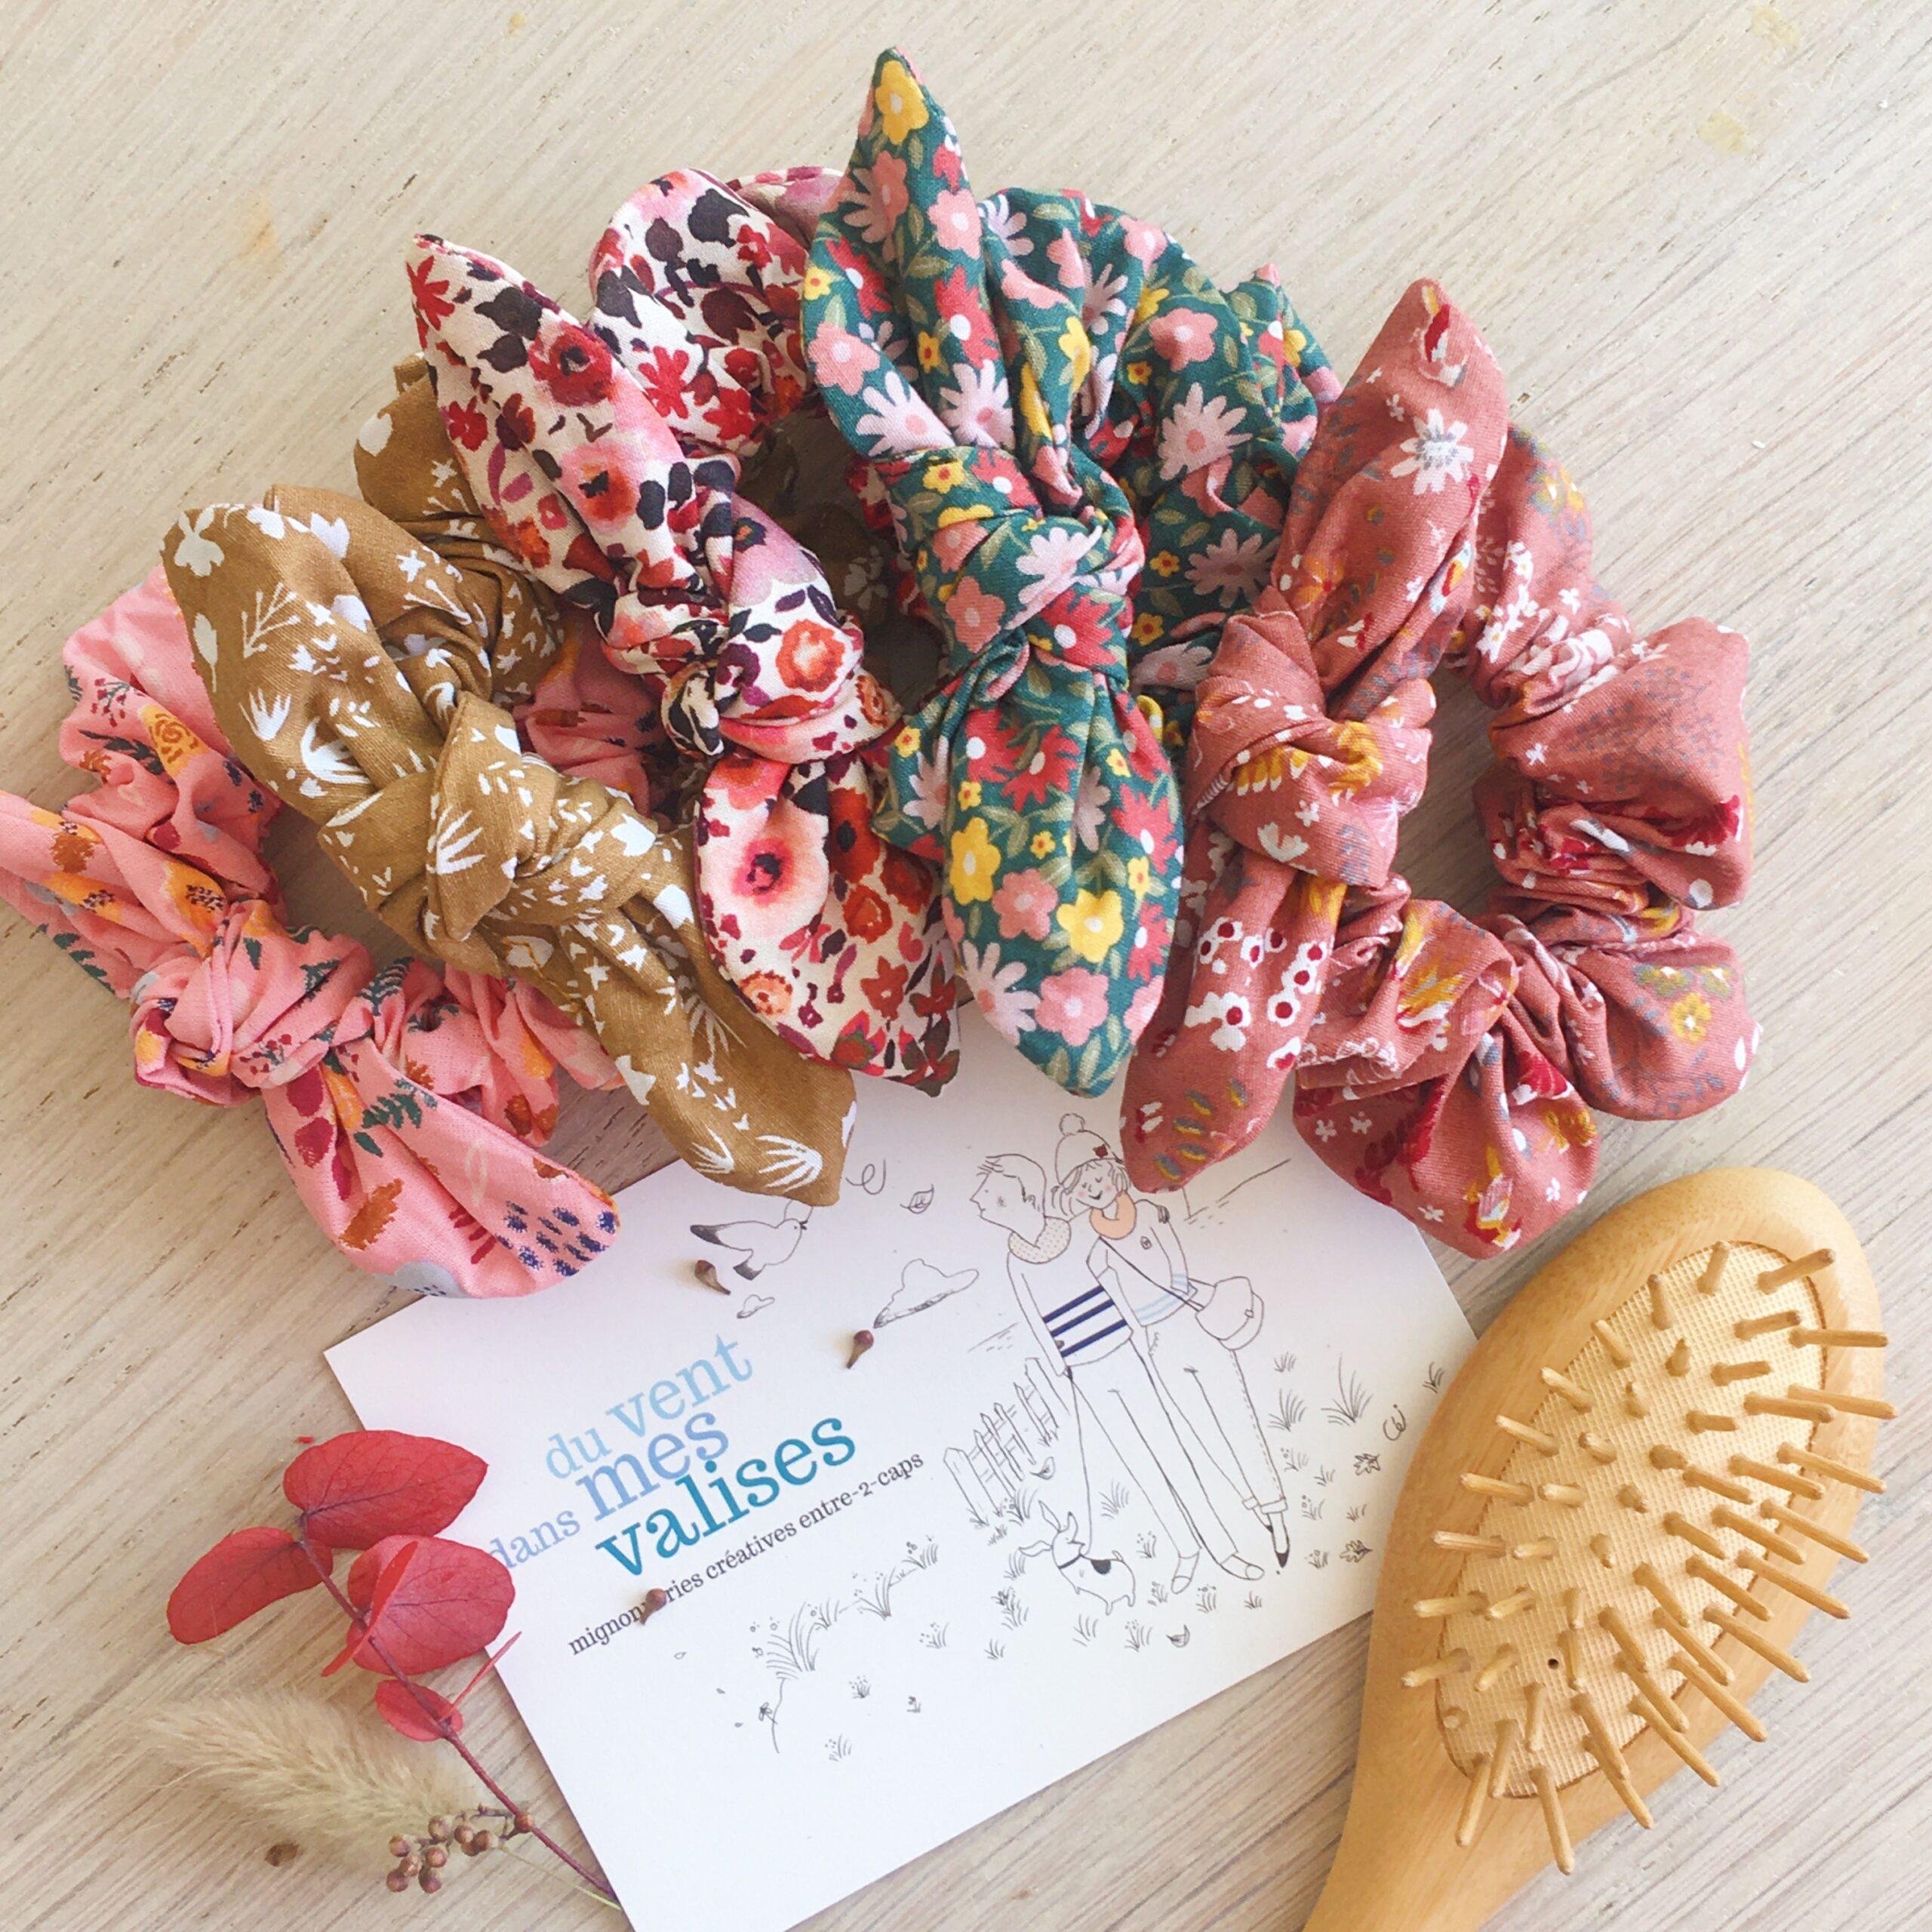 chouchou cheveux chic pour femme et fille fabriqué en France dans des cotons imprimés fleuris aux couleurs d'automne - du vent dans mes valises